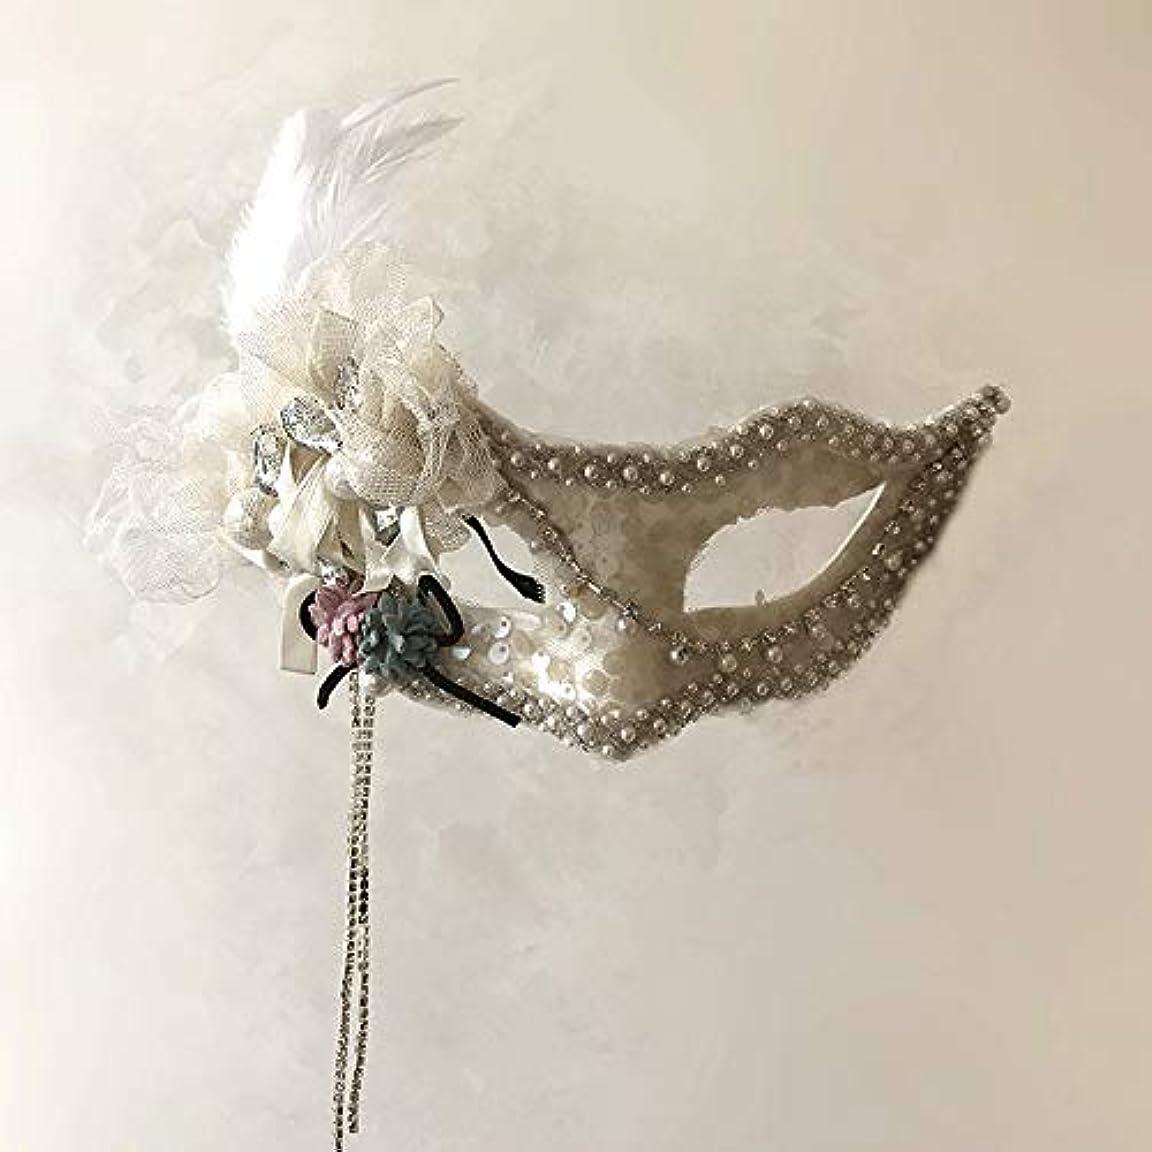 徴収ひねりベジタリアンNanle ホワイトフェザーフラワーマスク仮装ボールアイマスクハロウィーンボールフリンジフェザーマスクパーティマスク女性レディセクシーマスク (色 : Style D)